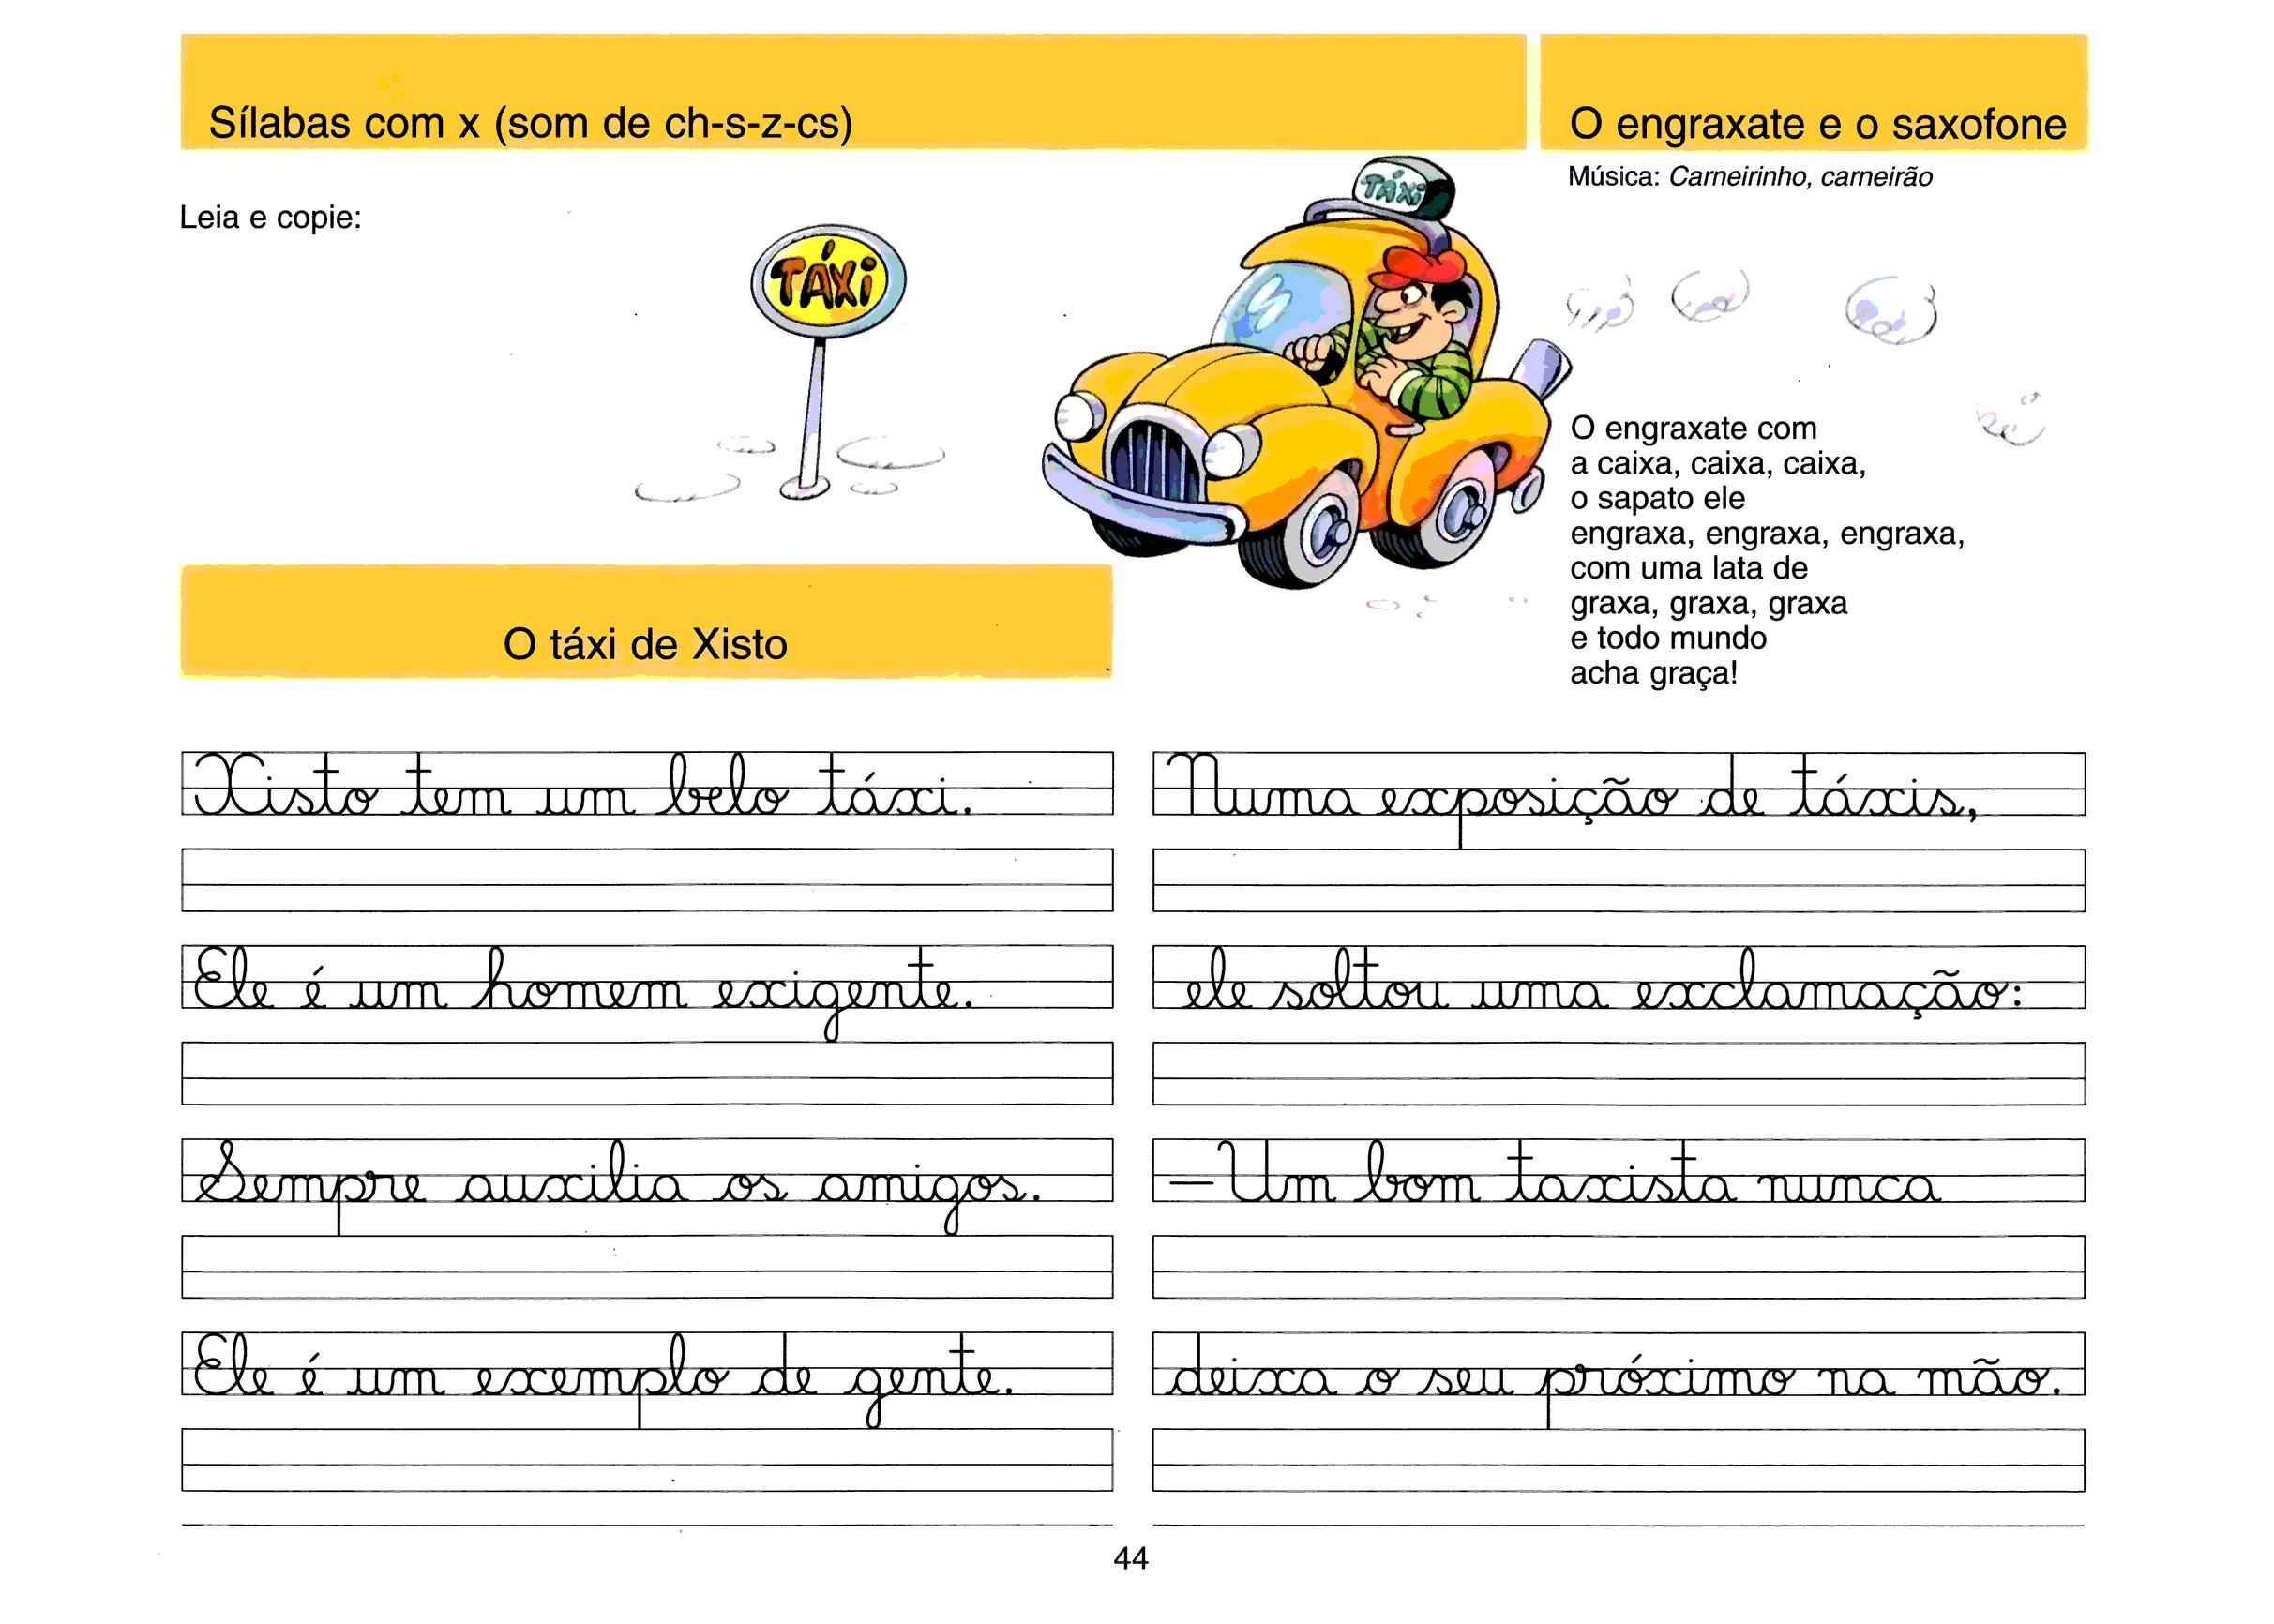 Caligrafia - sílabas com X (som de CH, S, Z e CS)